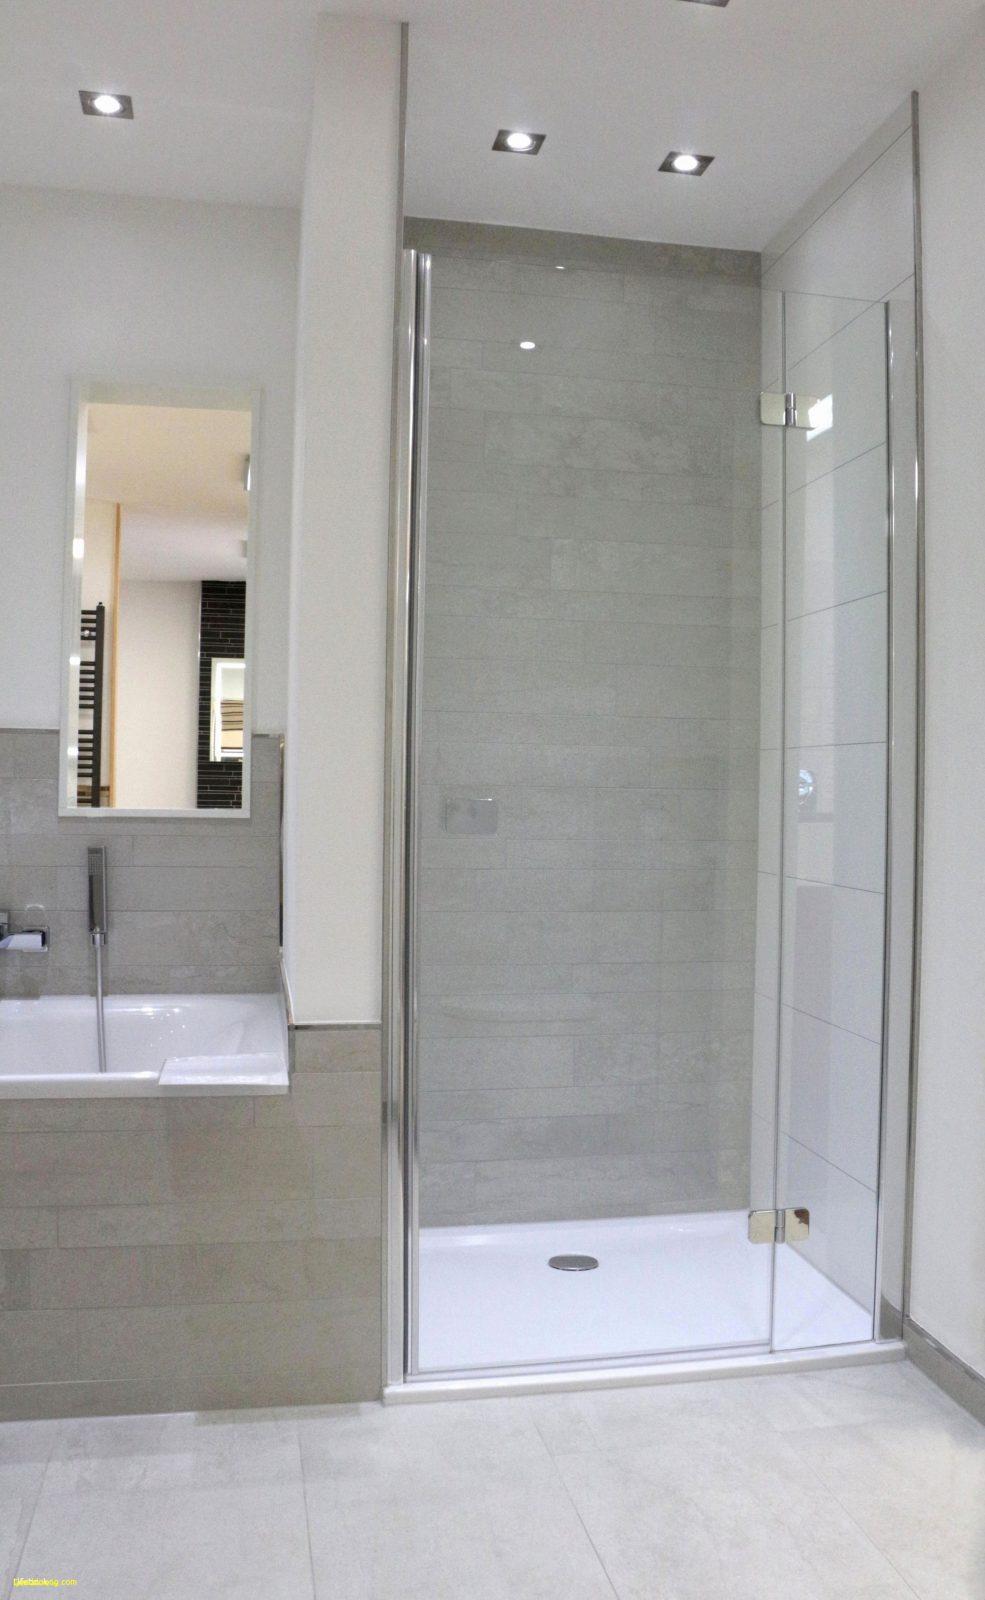 67 Elegant Foto Von Badrenovierung Kosten Pro Qm  Haus Ideen Möbel von Badsanierung Kosten Pro Qm Photo